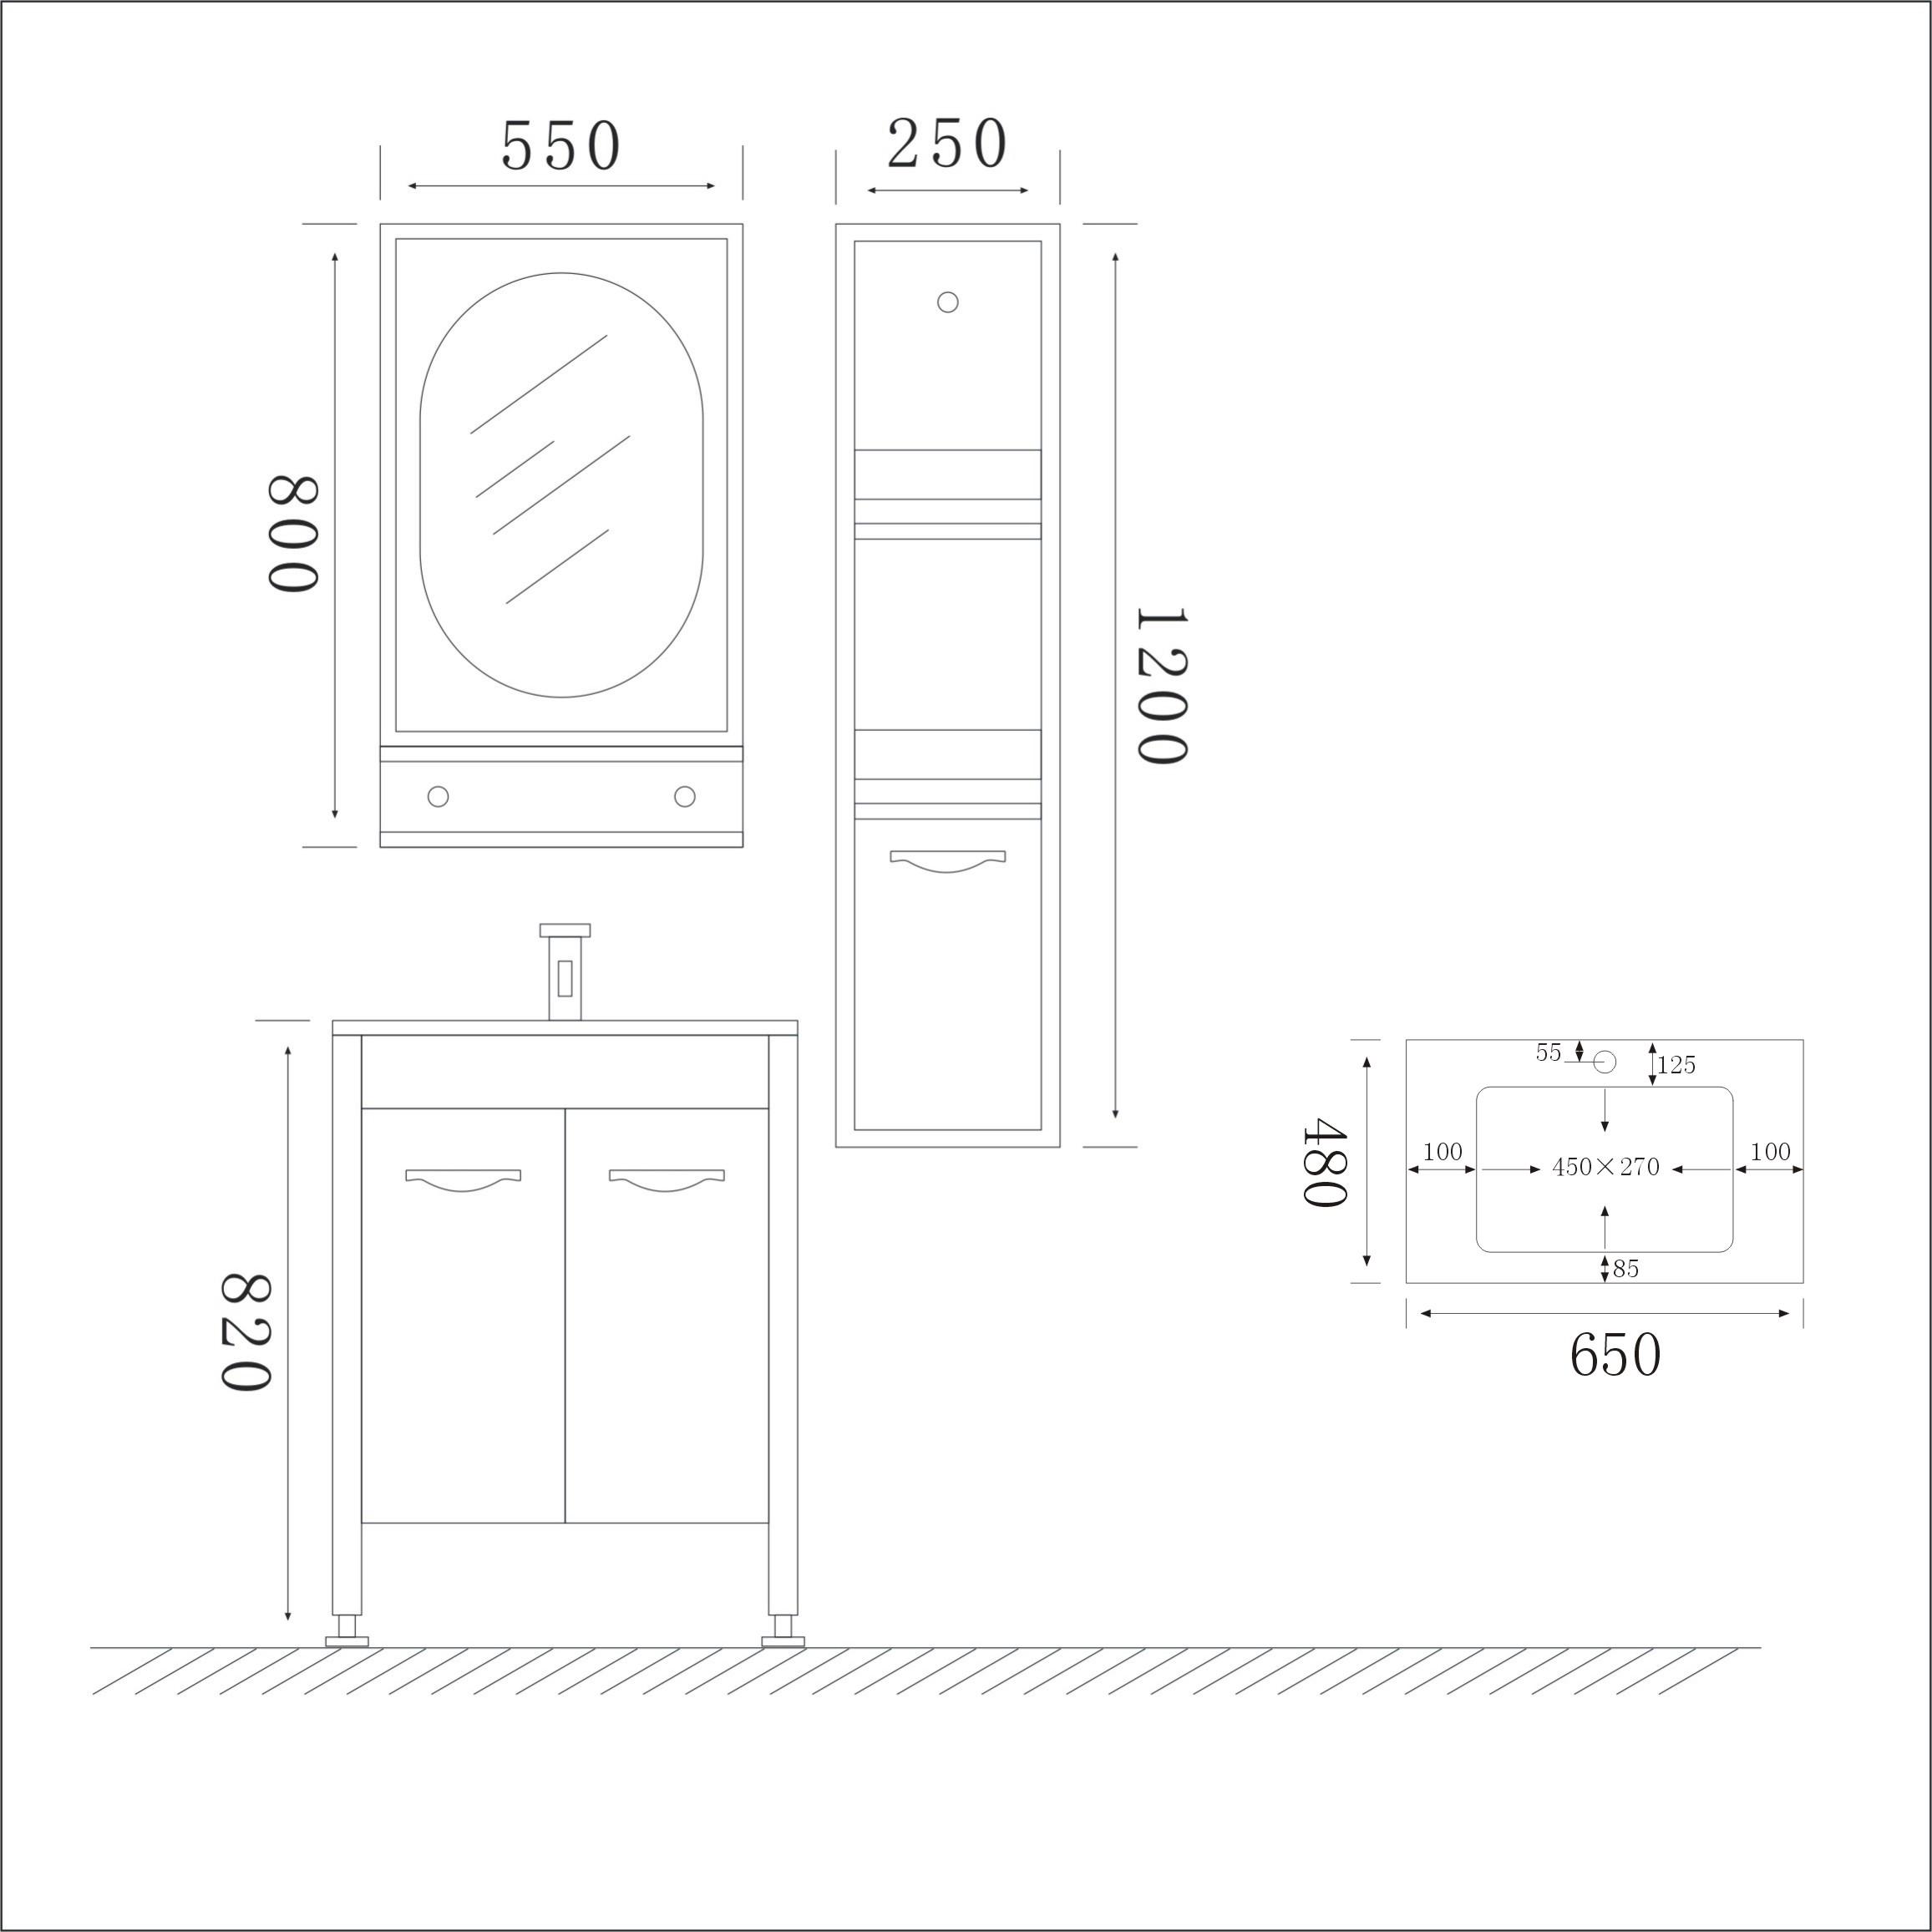 Meuble de salle de bains sanifun viva 65 ebay for Vendeur salle de bain